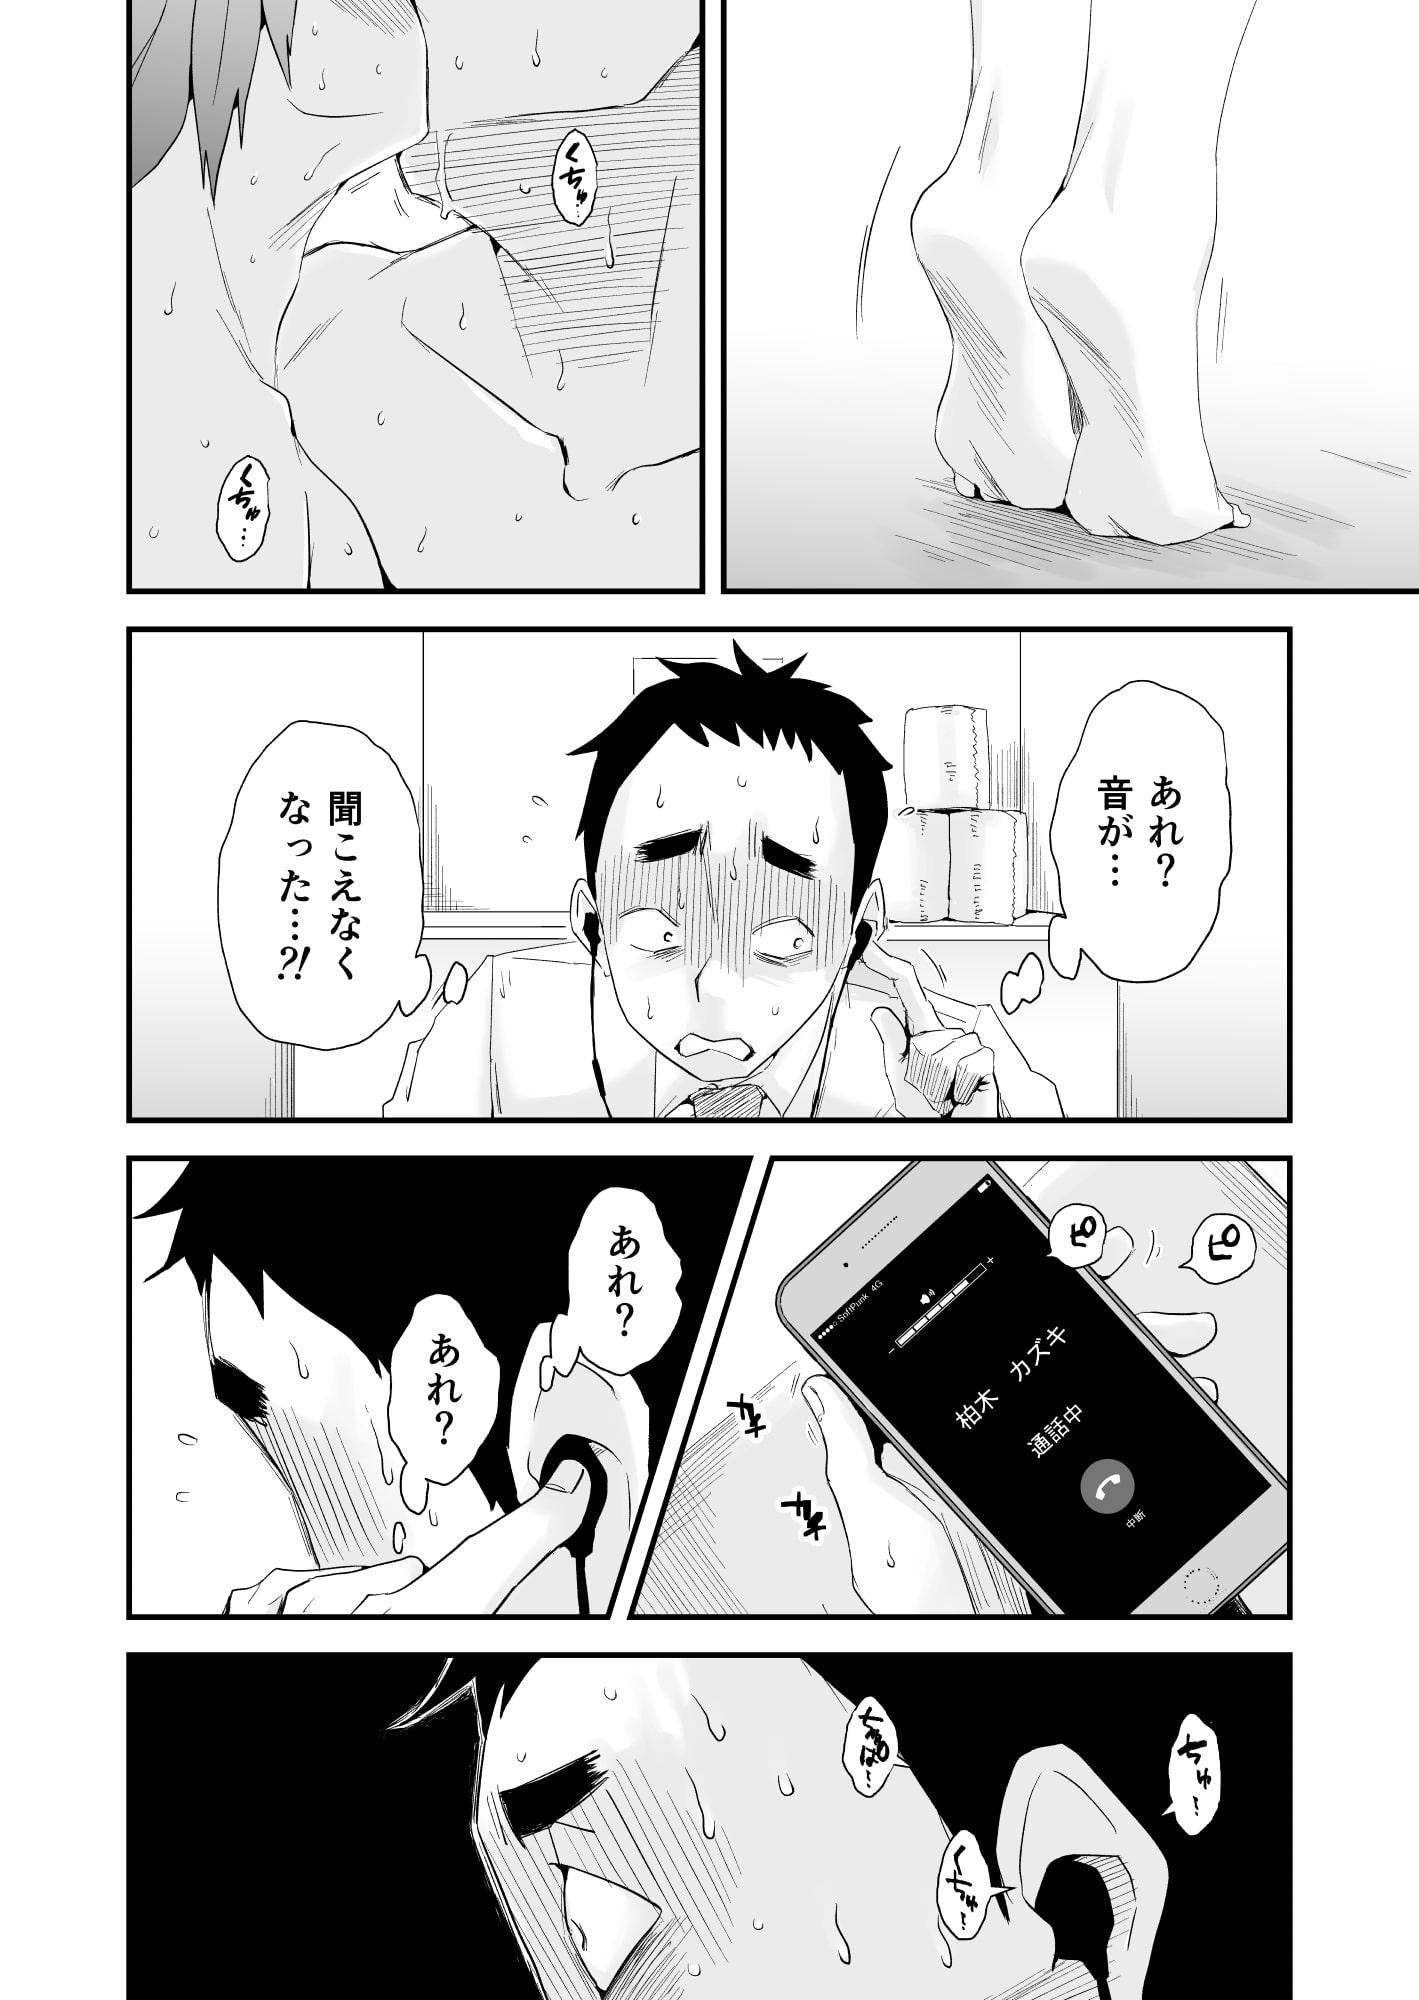 あなたの望み vol.2 ~電話編~